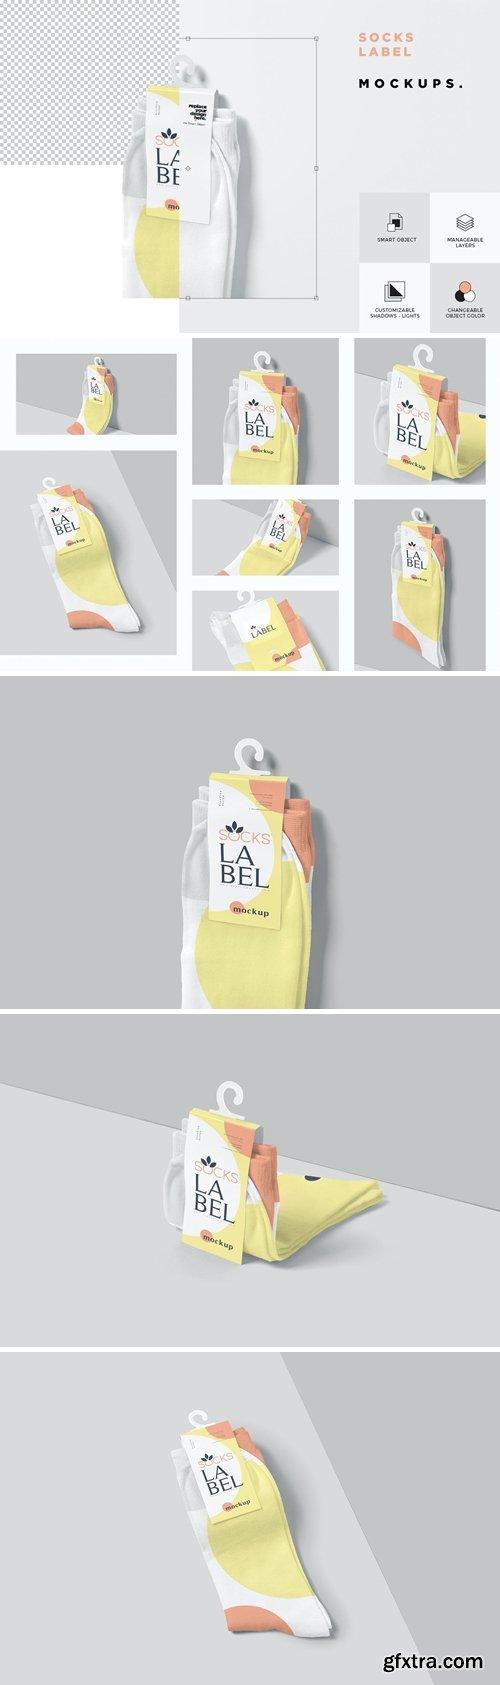 Socks Label Tag Mockups